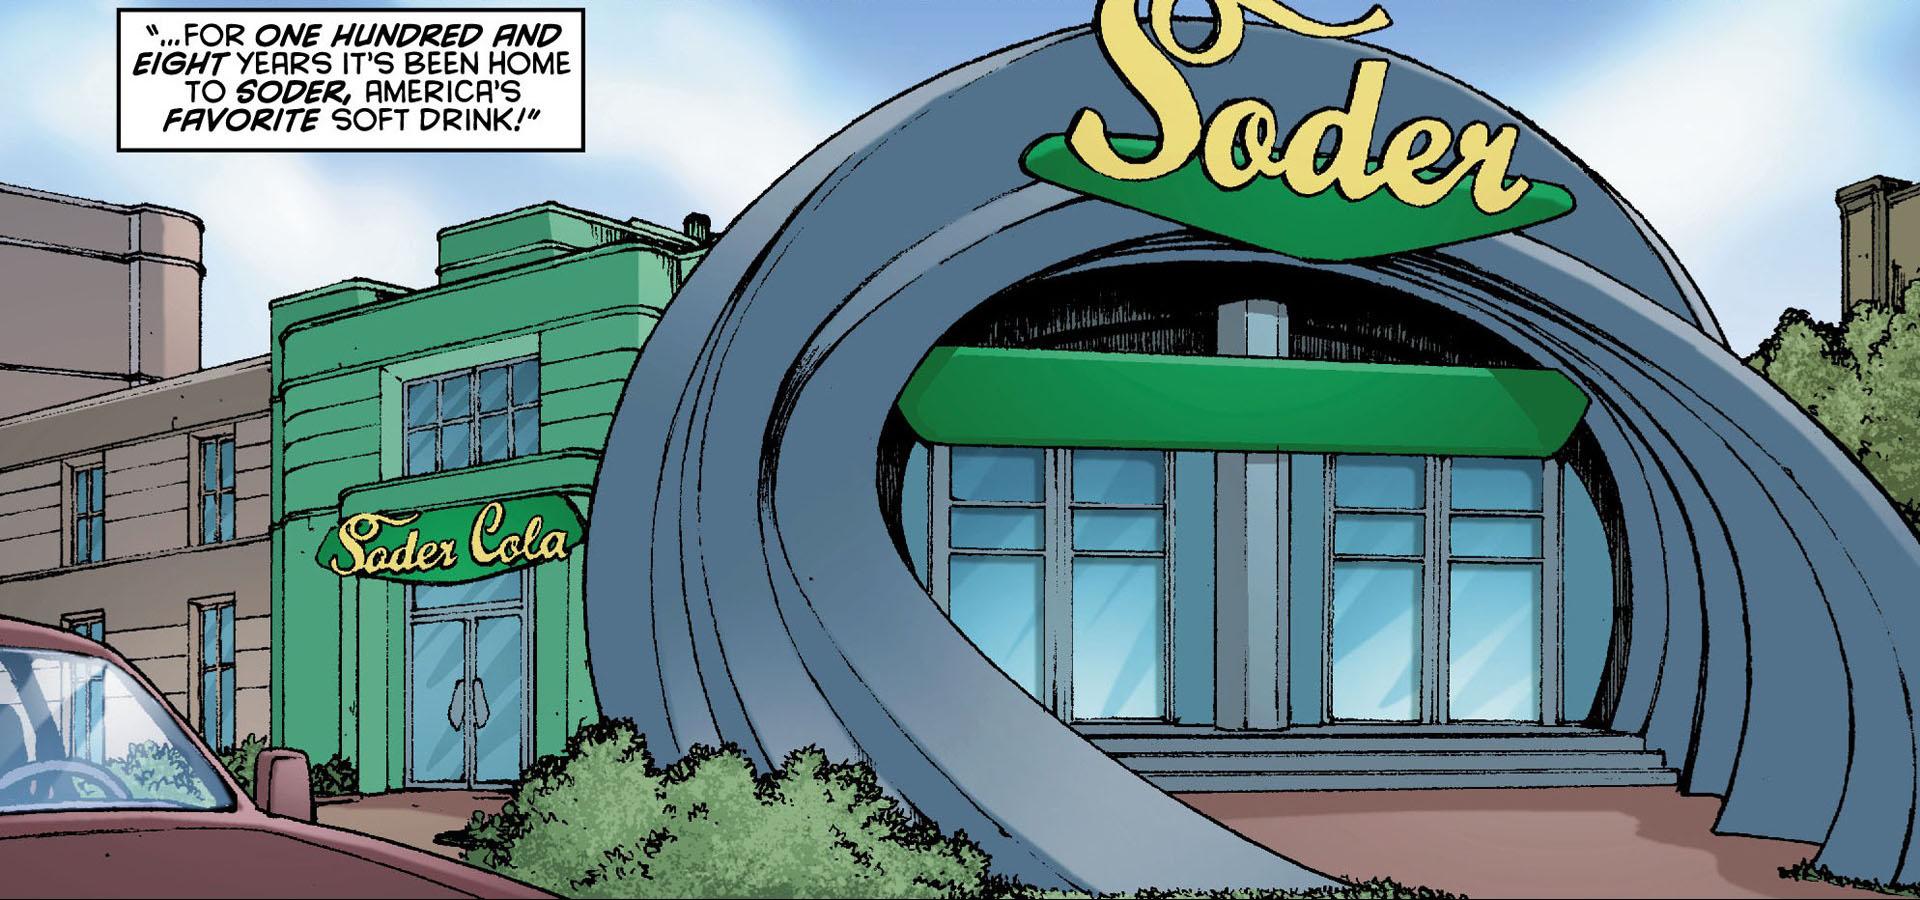 Soder Cola